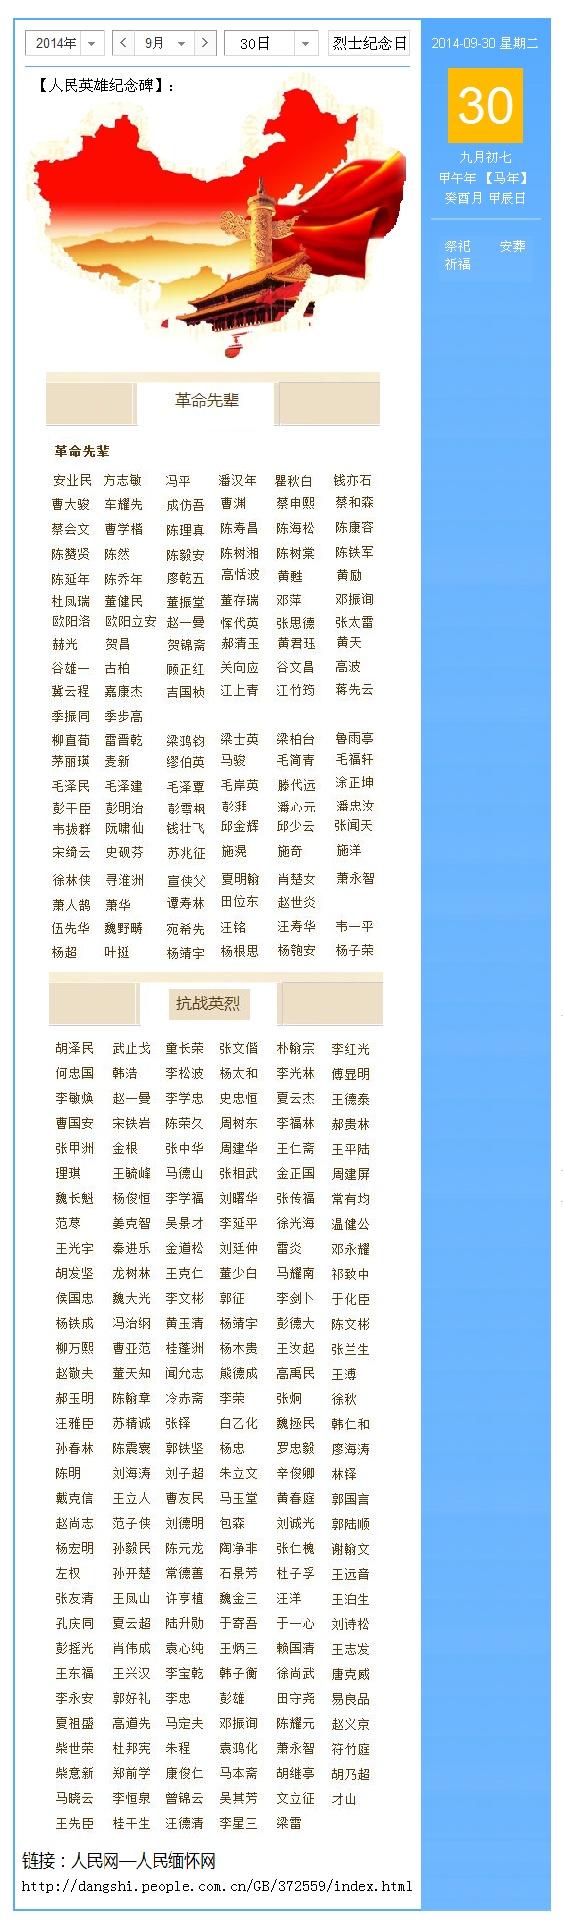 【星雯诗苑】古风·国魂祭 - 星雯 - 星雯博客